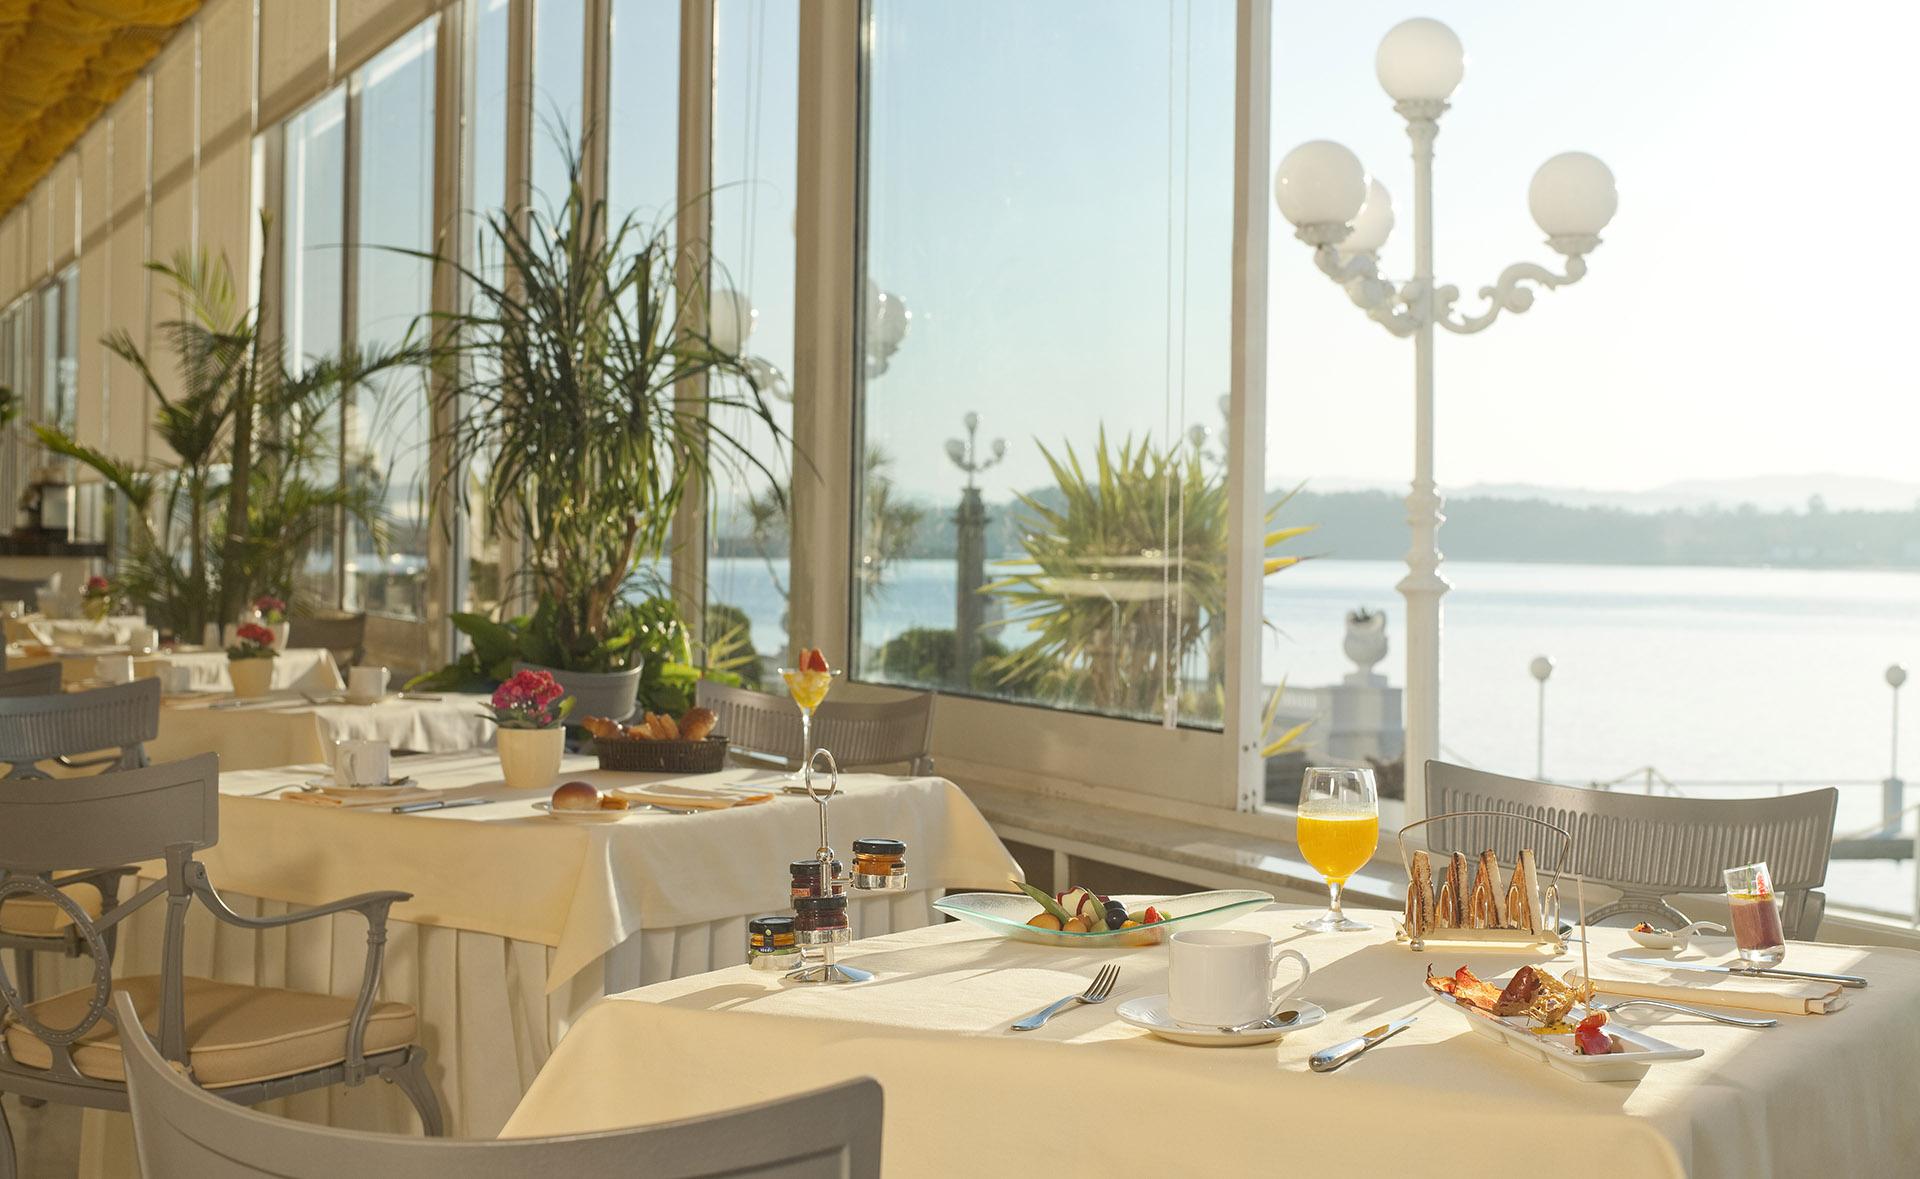 Hostelería Gran Hotel La Toja : 4